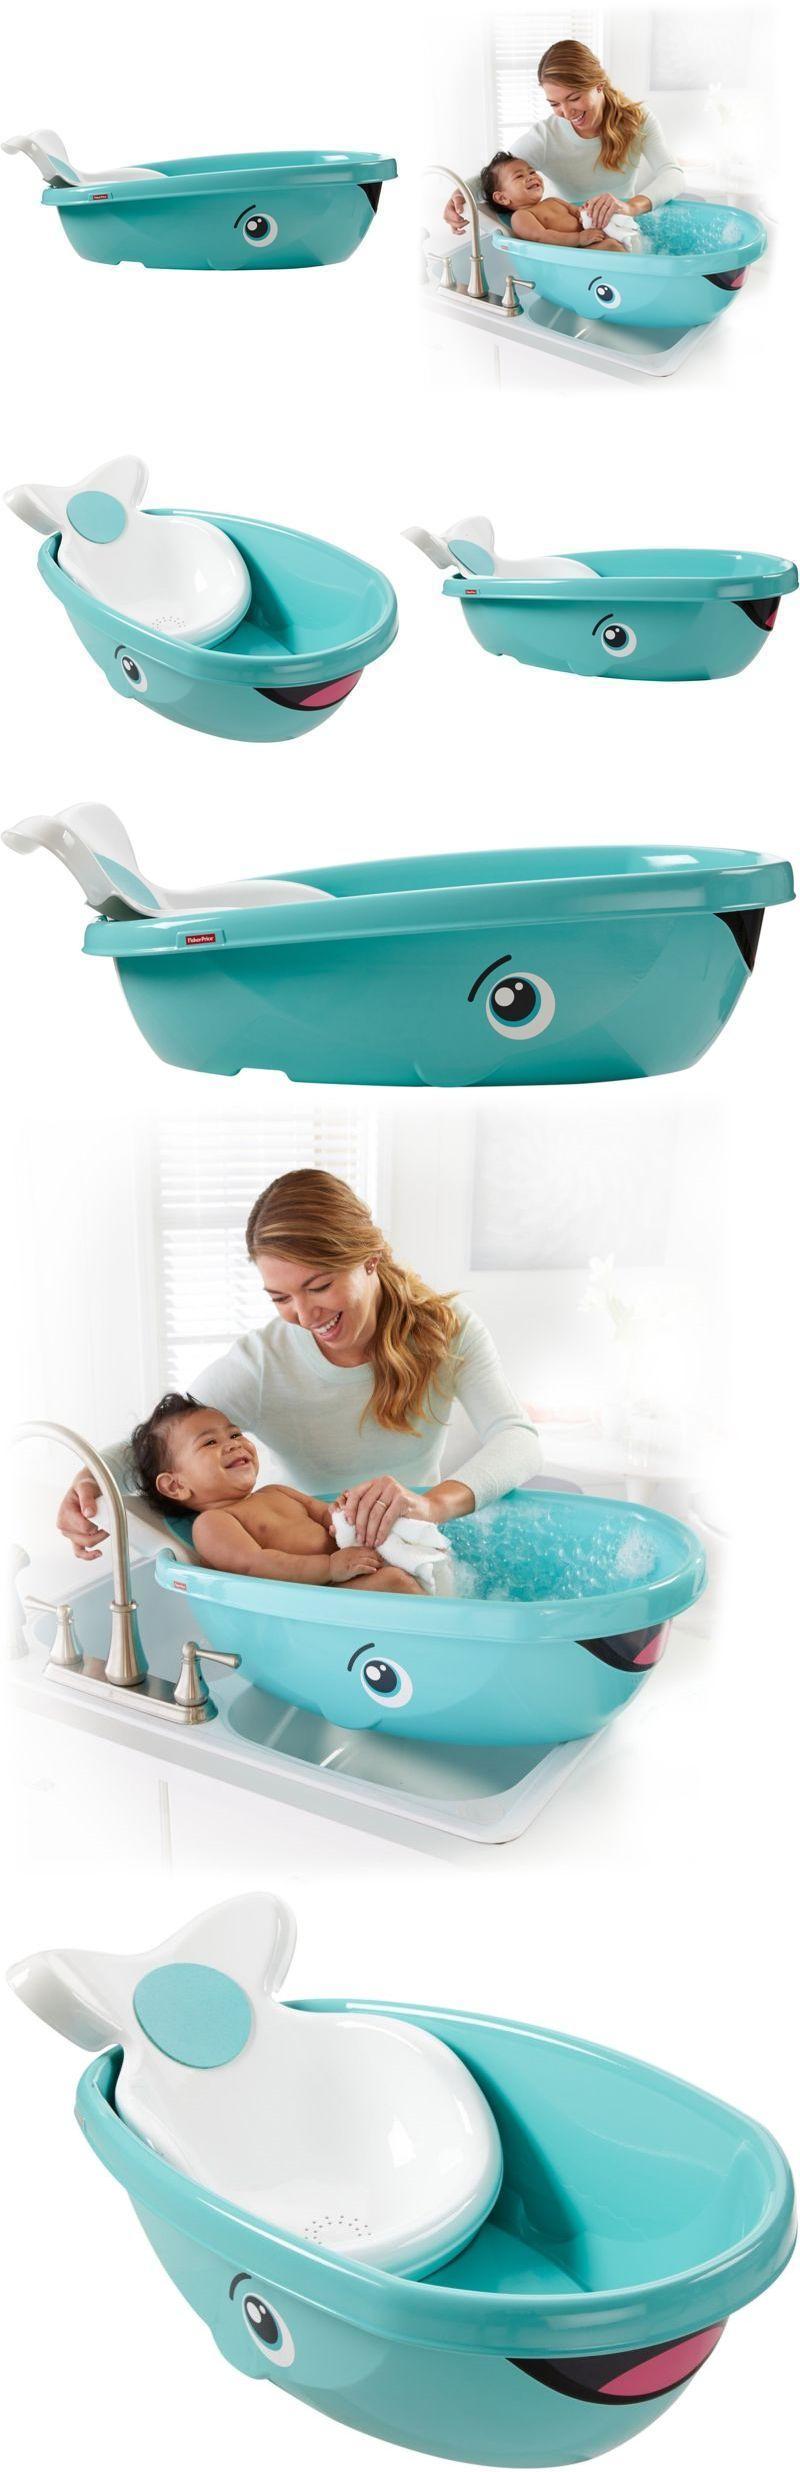 Bath Tubs 113814: Whale Design Shower Bath Safety Seat Tub Bathtub ...